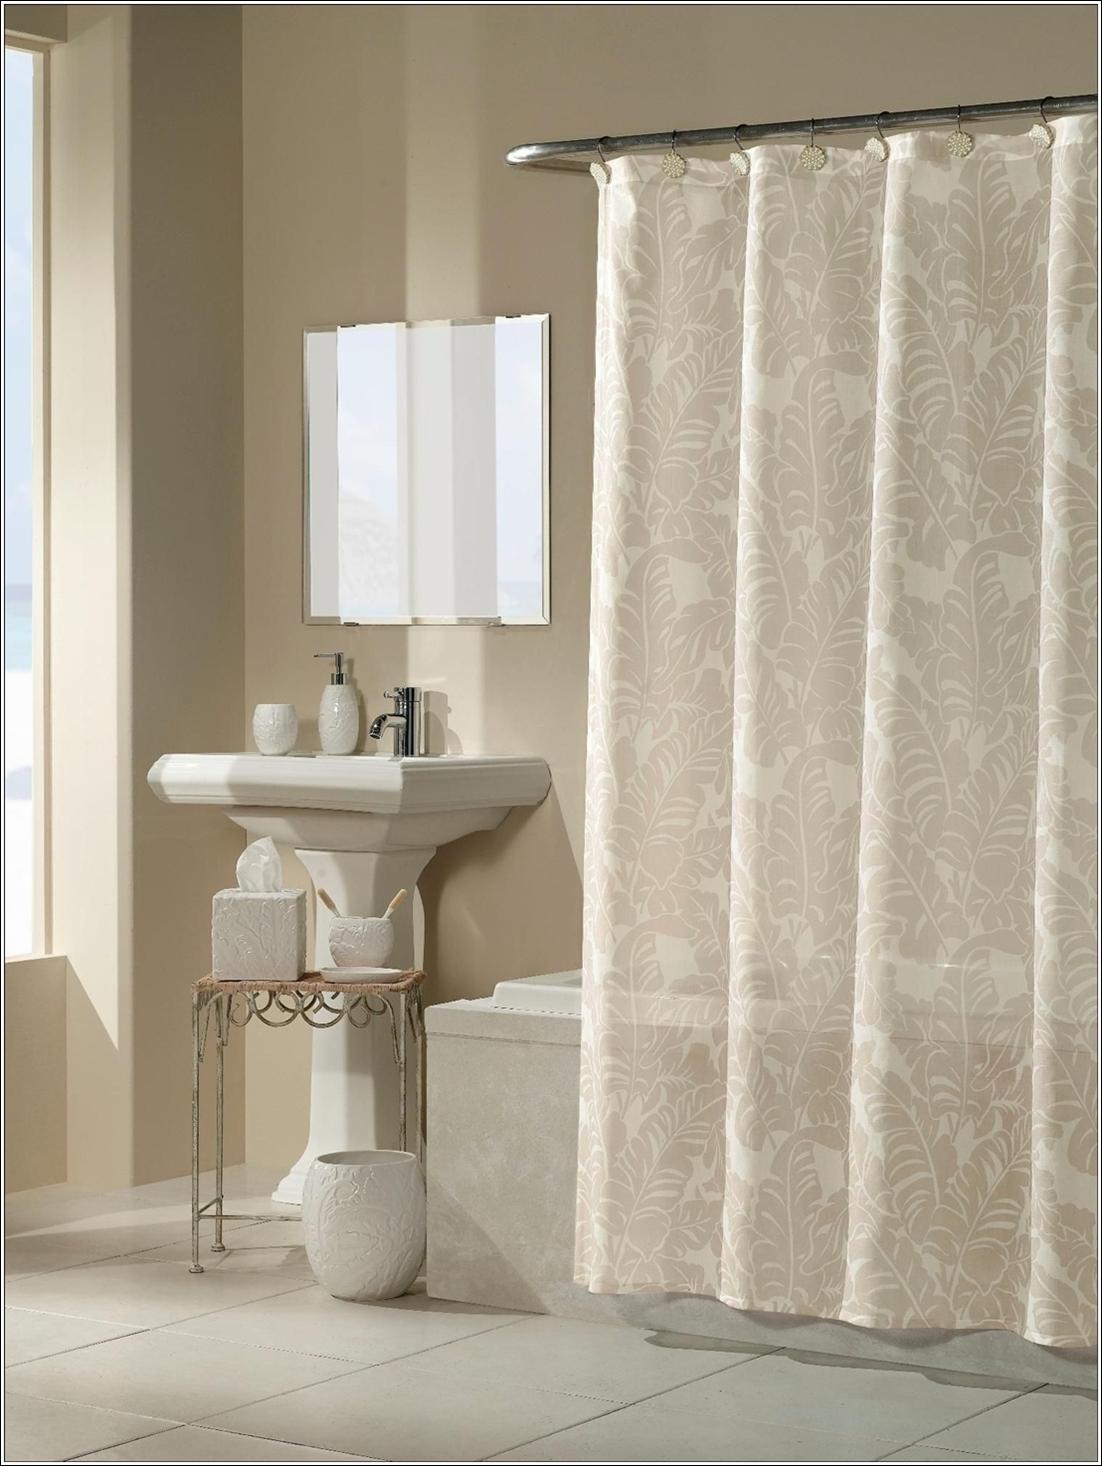 rideaux de douche l gants pour votre salle de bain d cor de maison d coration chambre. Black Bedroom Furniture Sets. Home Design Ideas